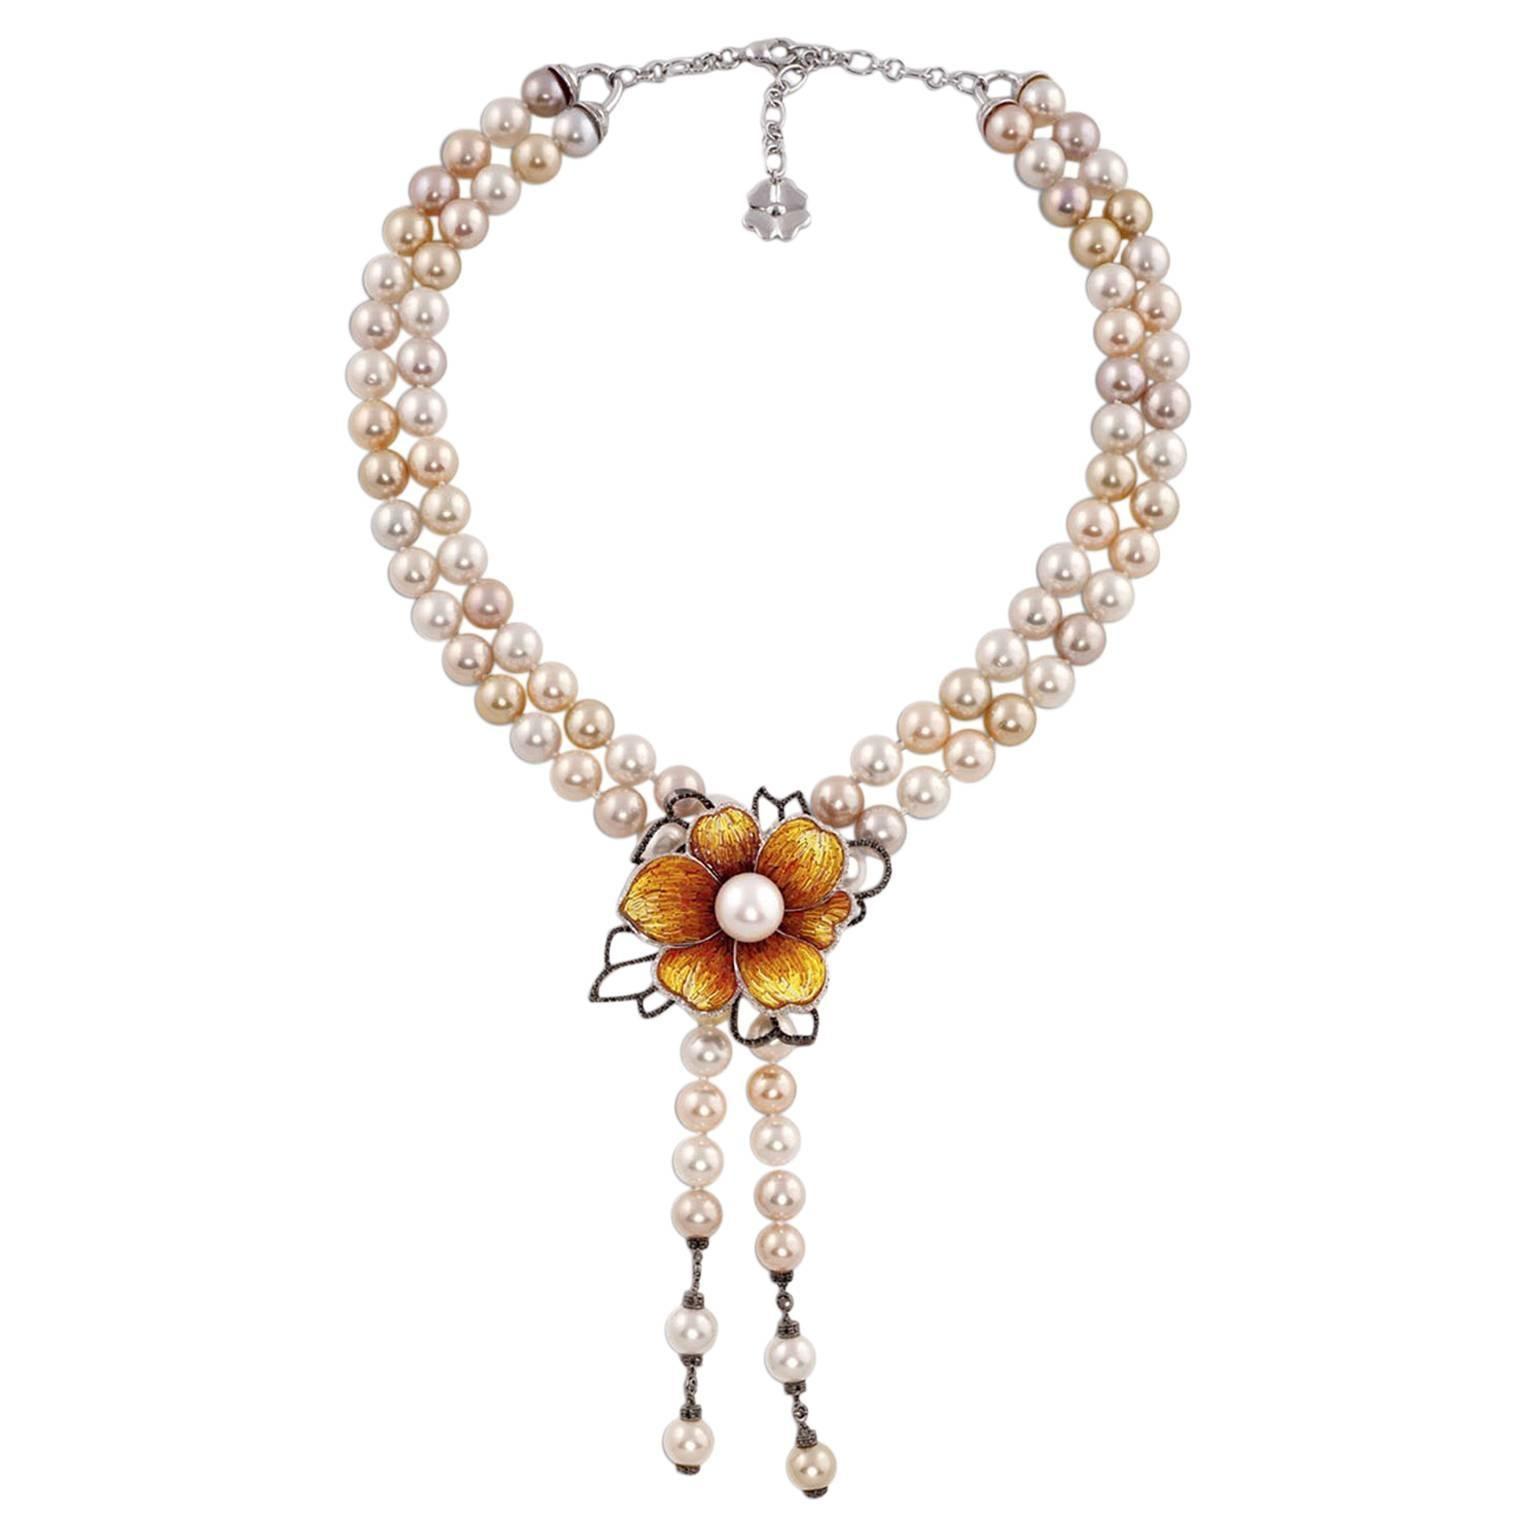 Stylish Necklace White Gold White & Black Diamonds Pearls Decorated Nanomosaic